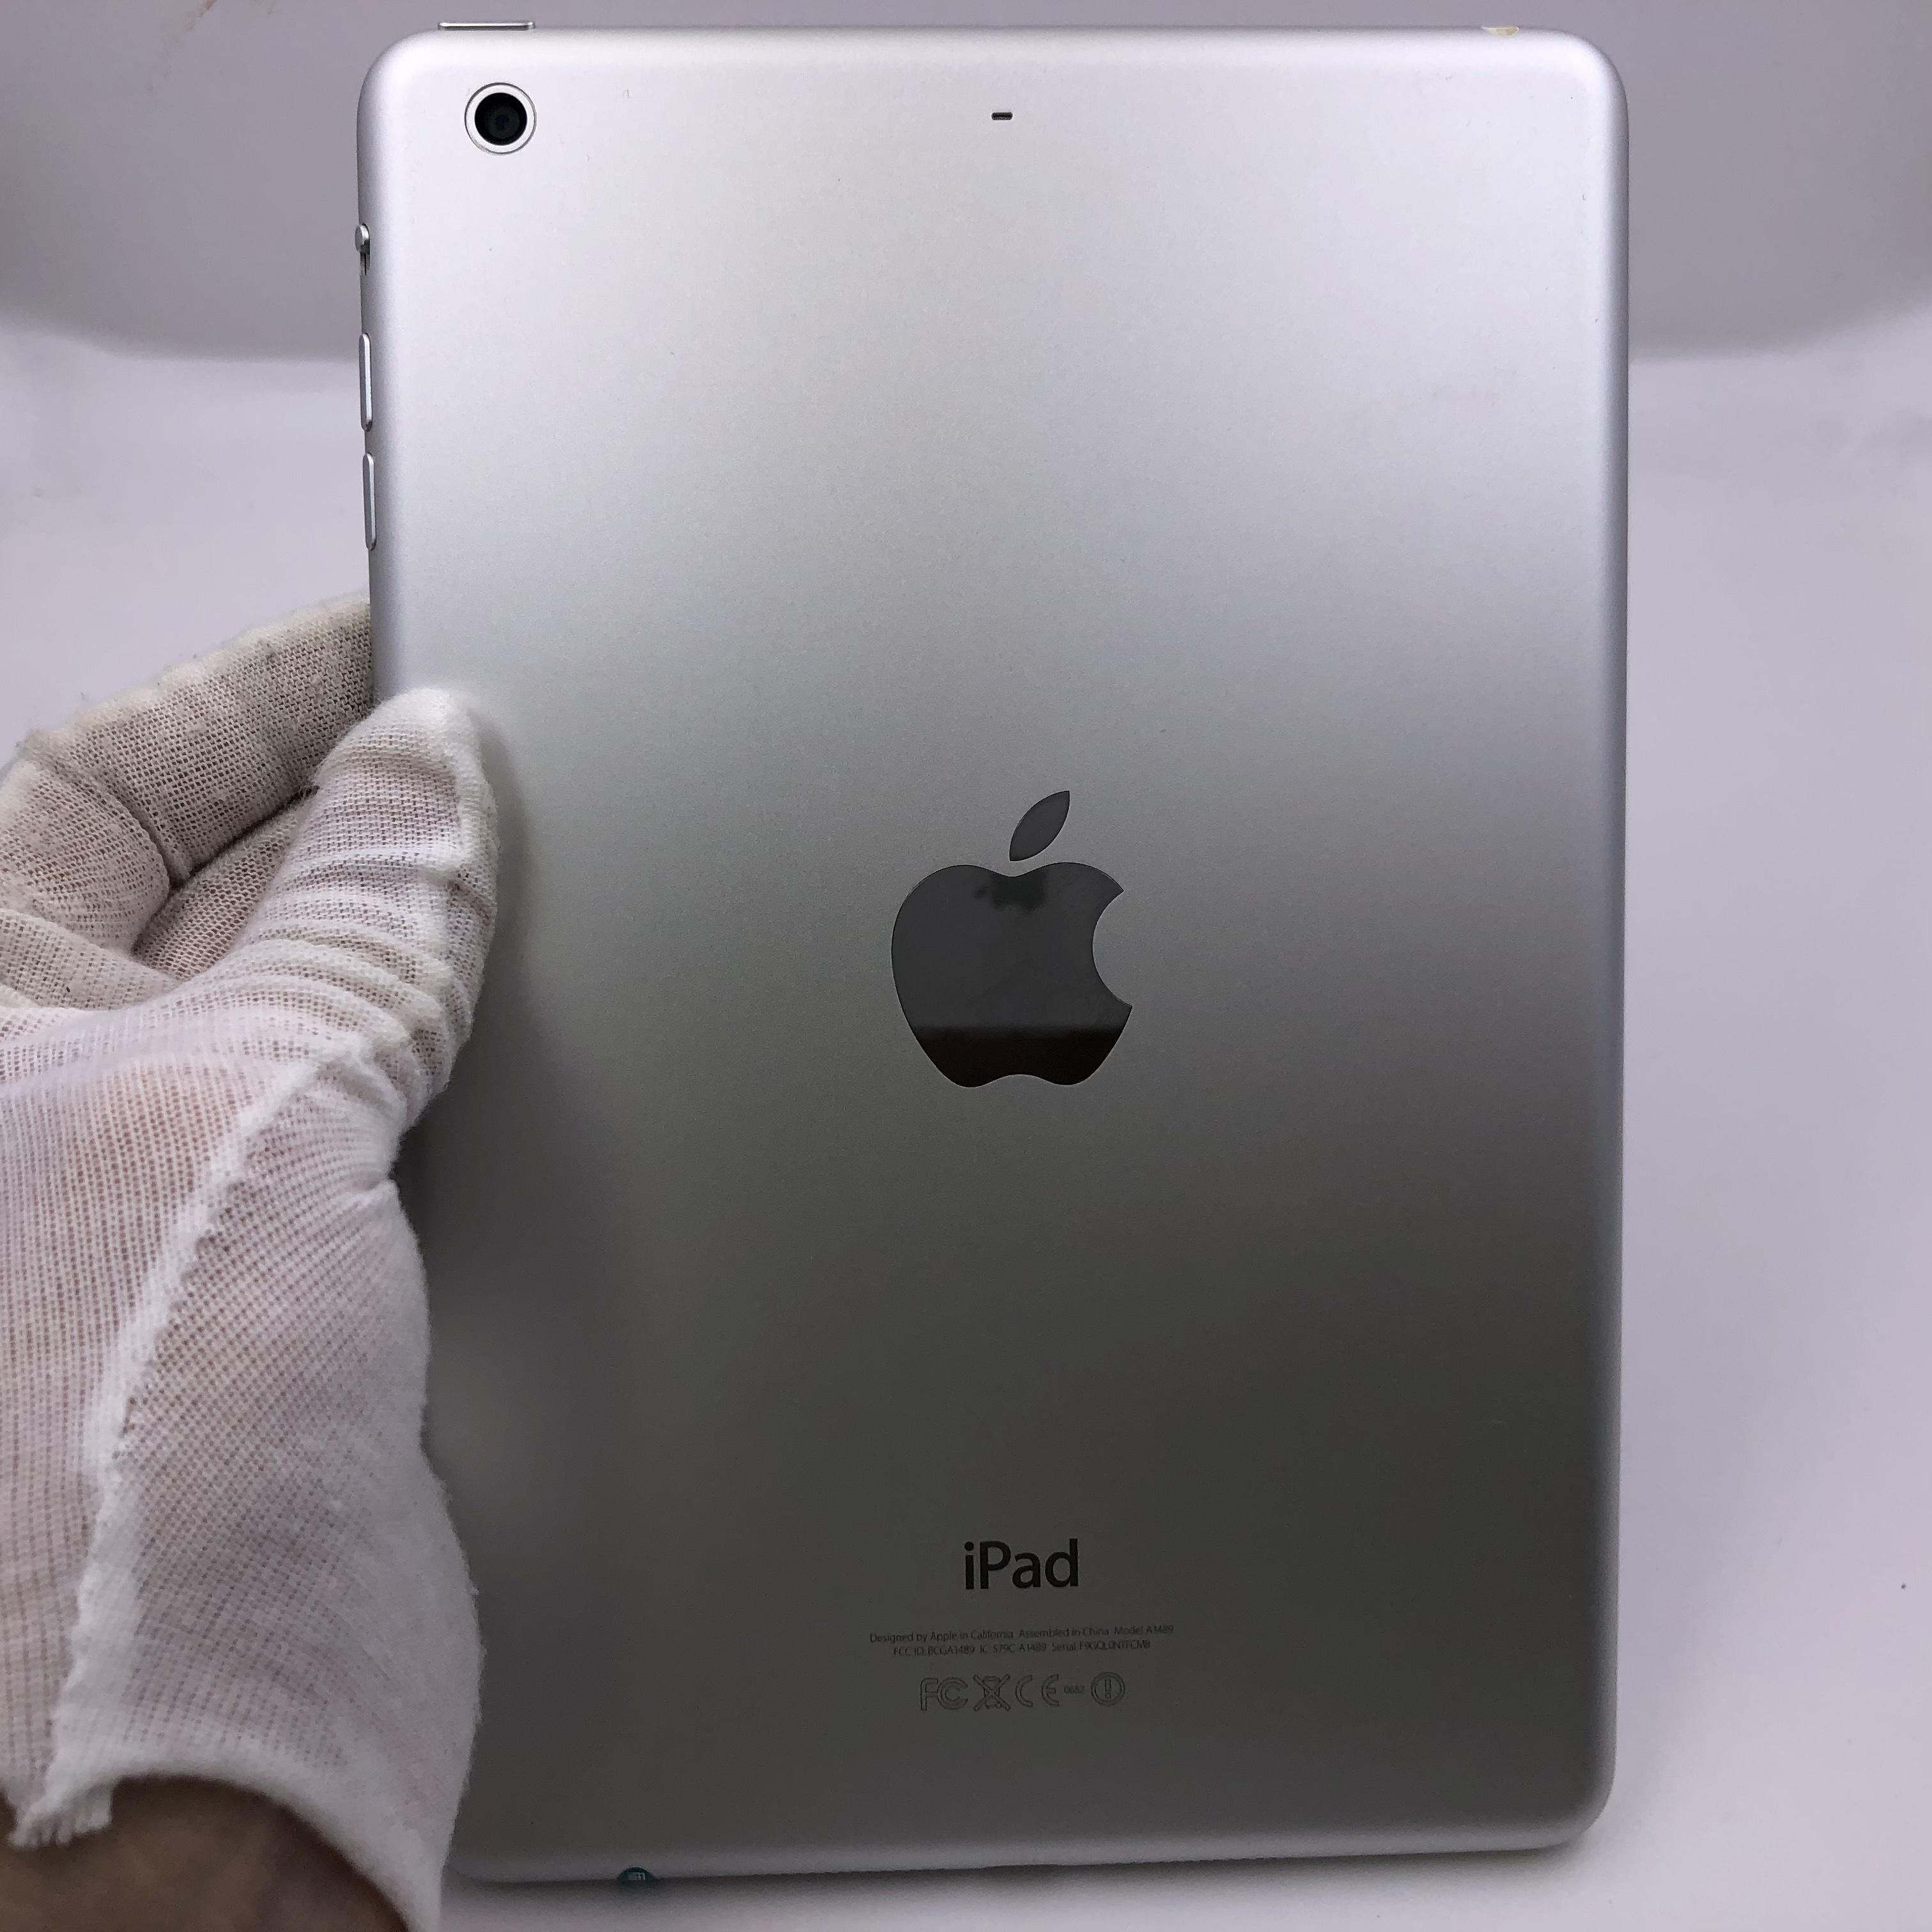 苹果【iPad Mini 2】WIFI版 银色 16G 国际版 9成新